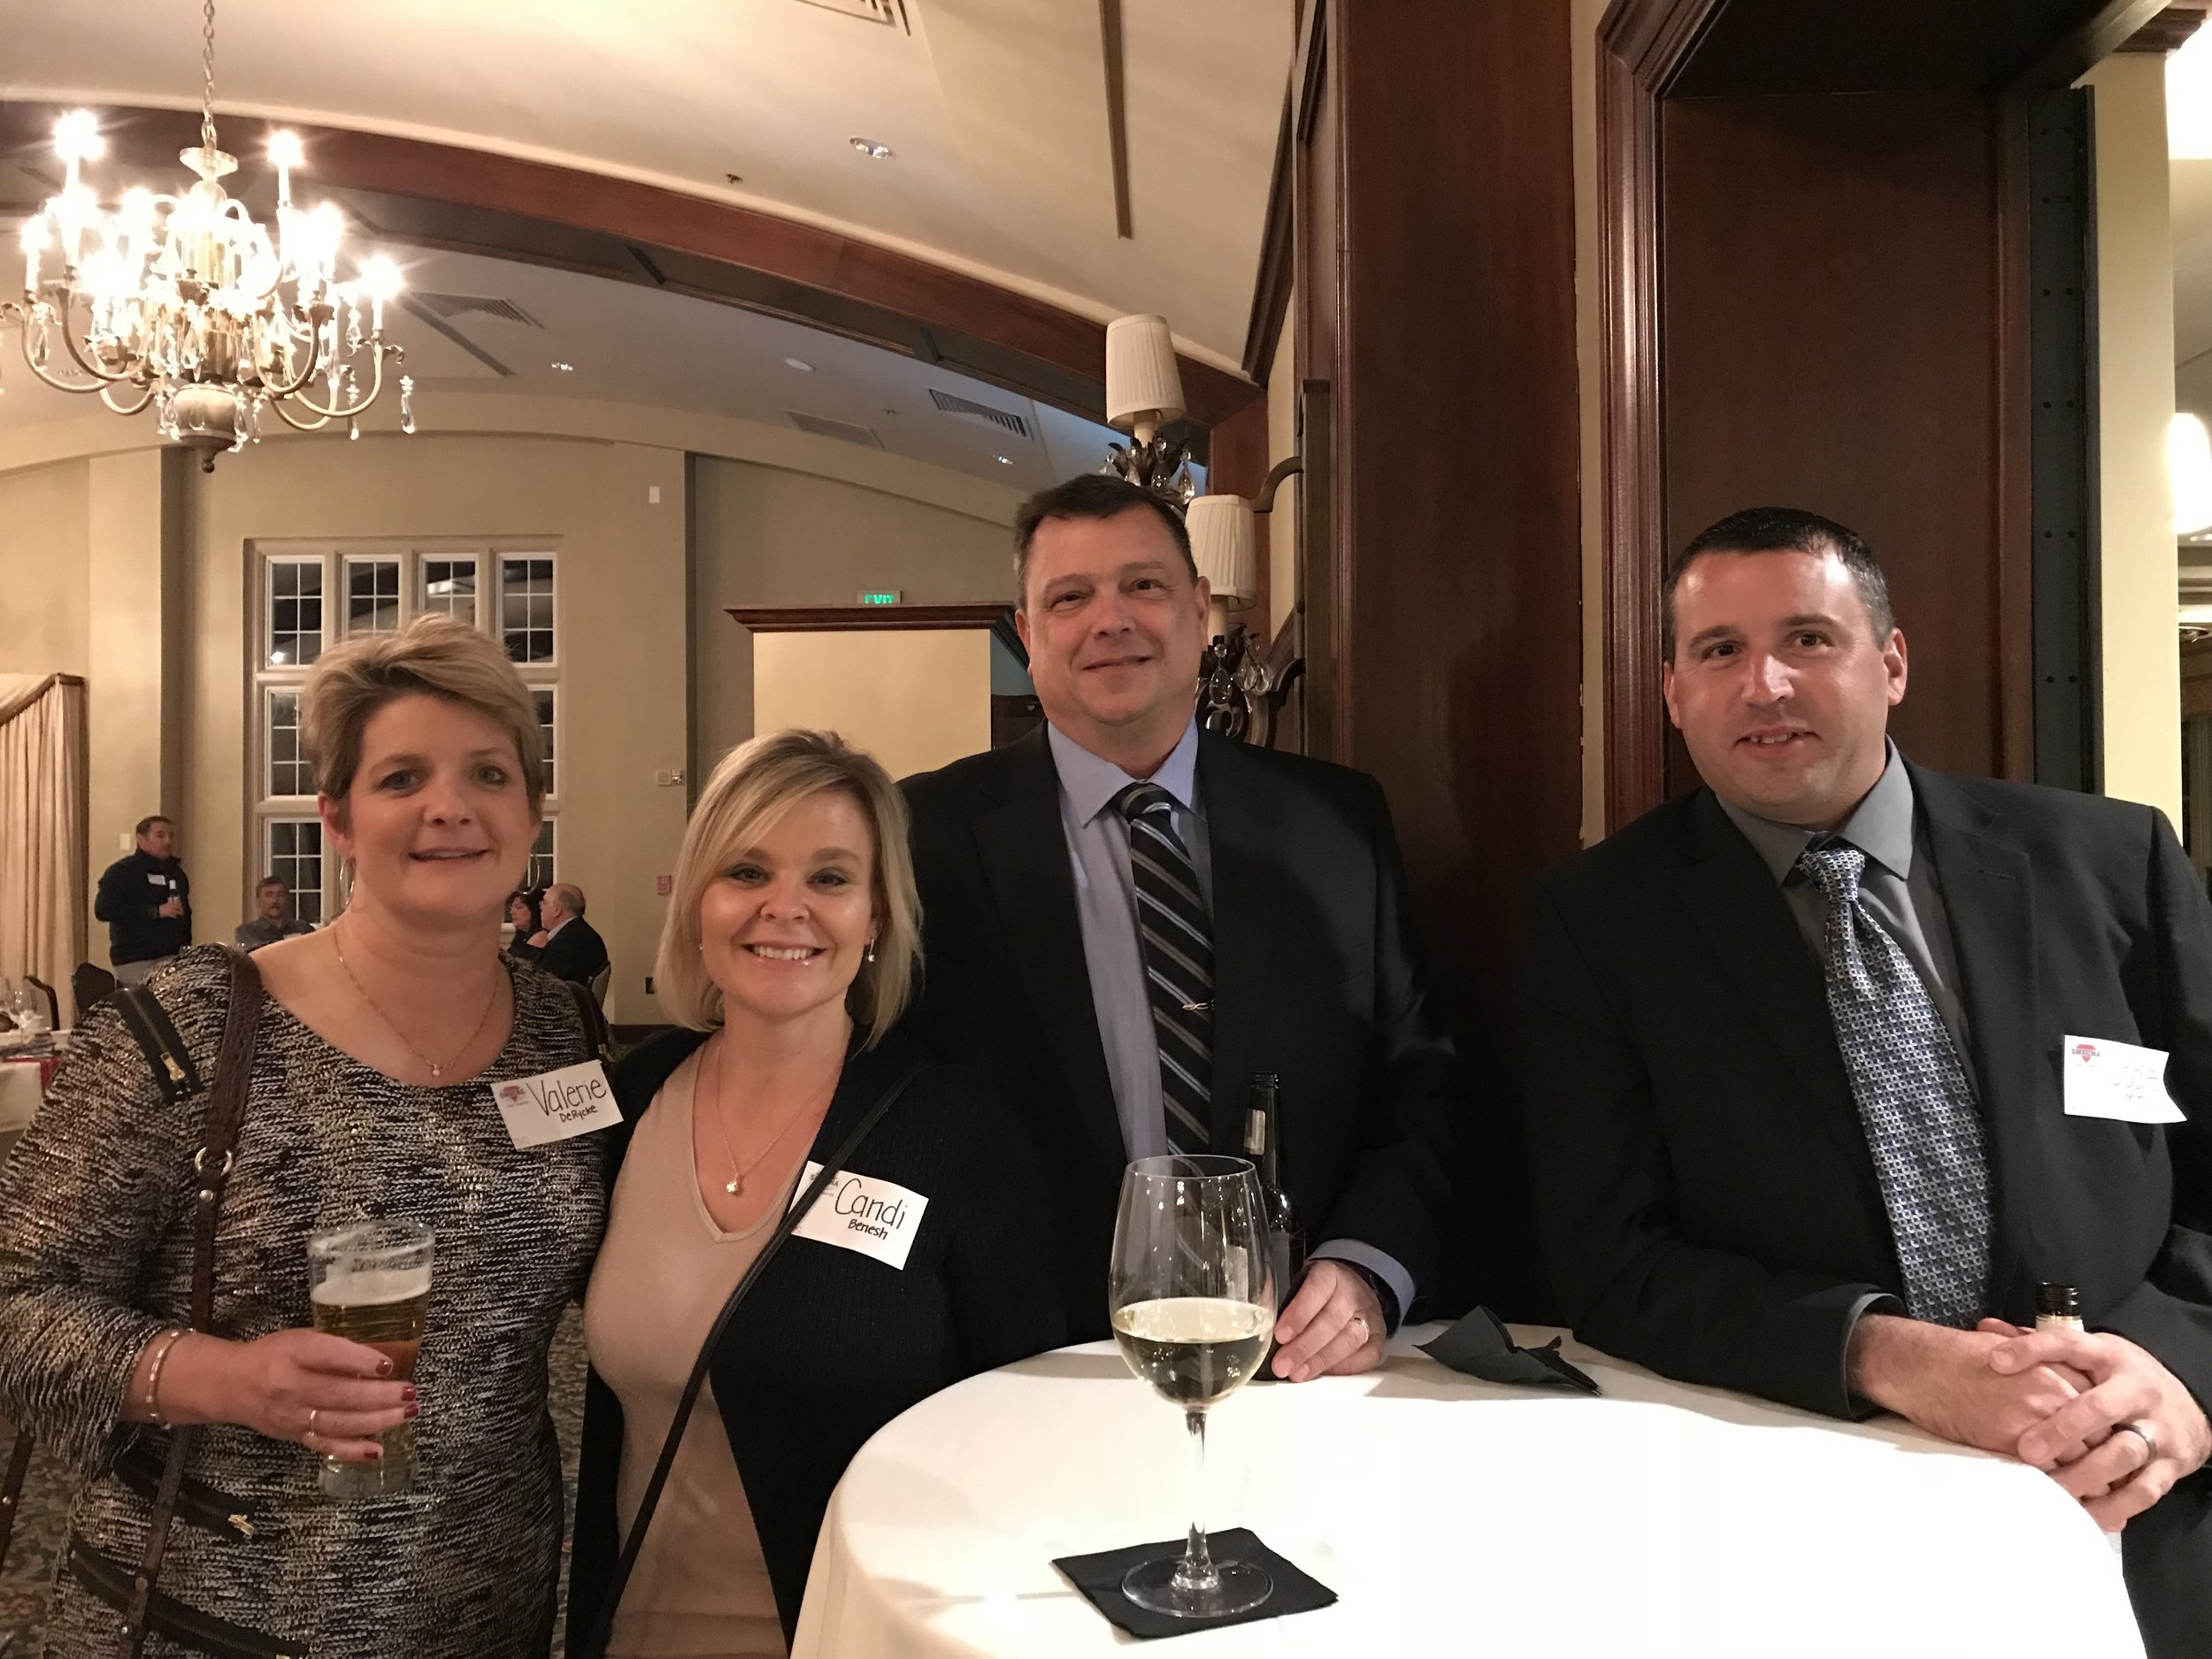 Valerie DeRycke, Candi Benesh, Mark DeRycke, and Jodie Benesh